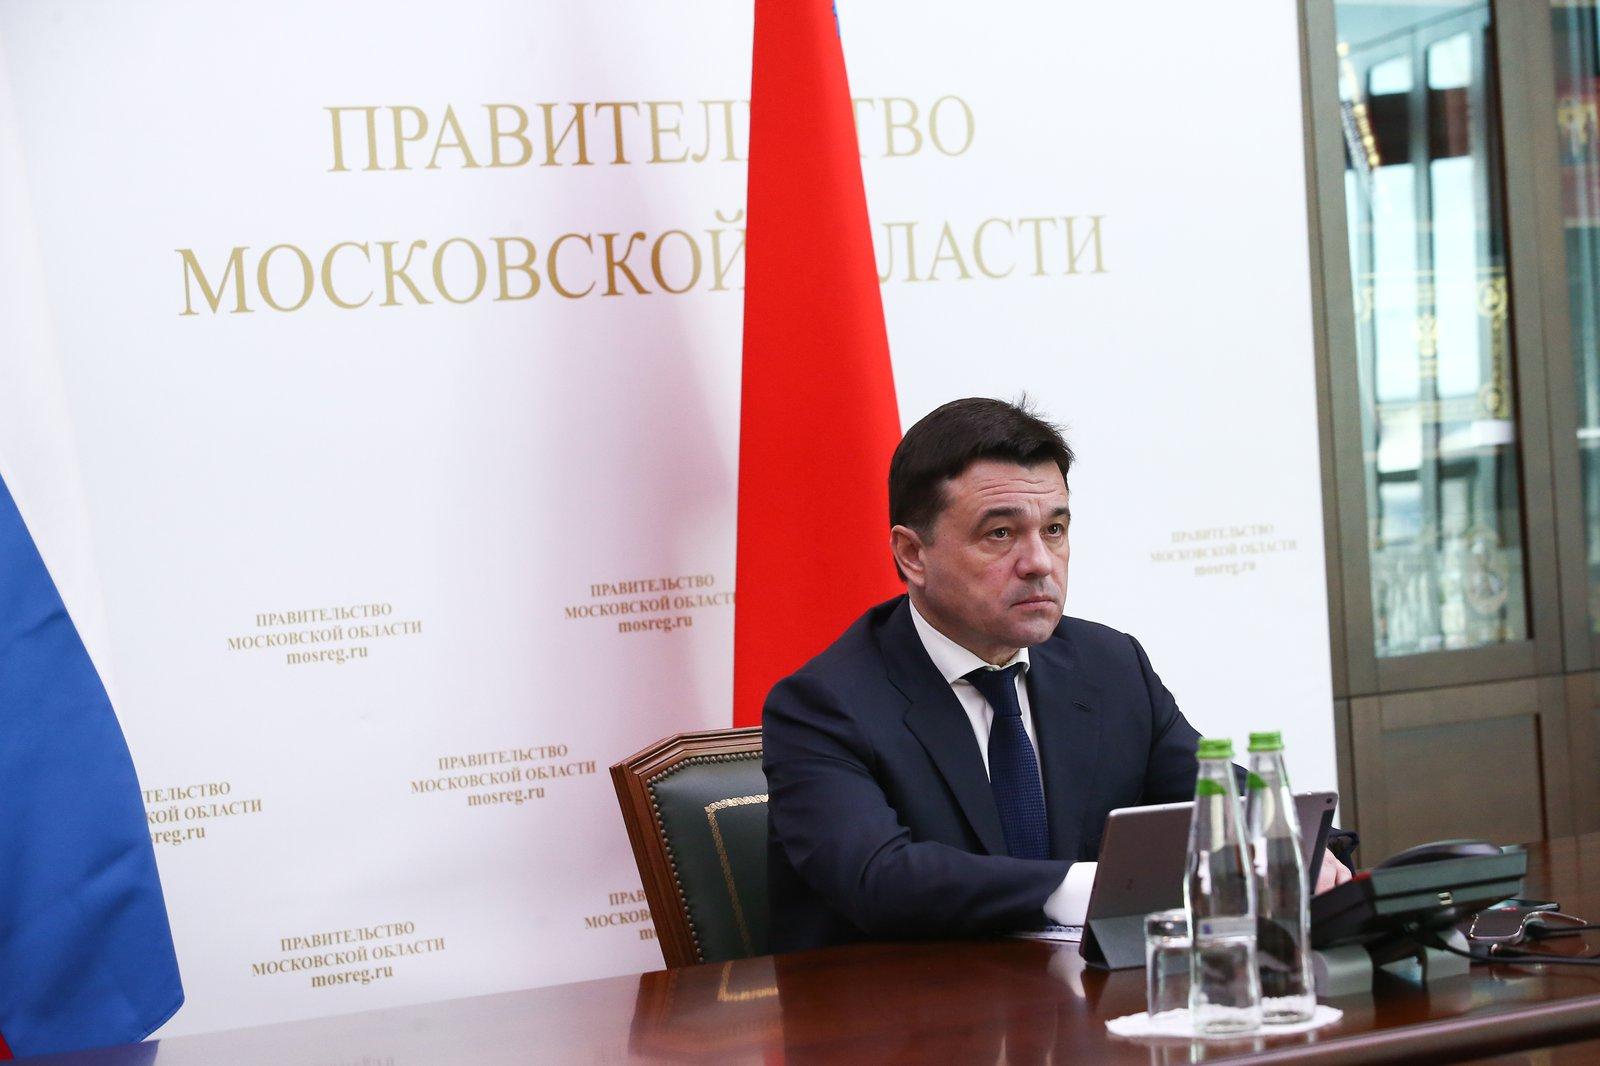 Андрей Воробьев губернатор московской области - ТКО: реформа в действии